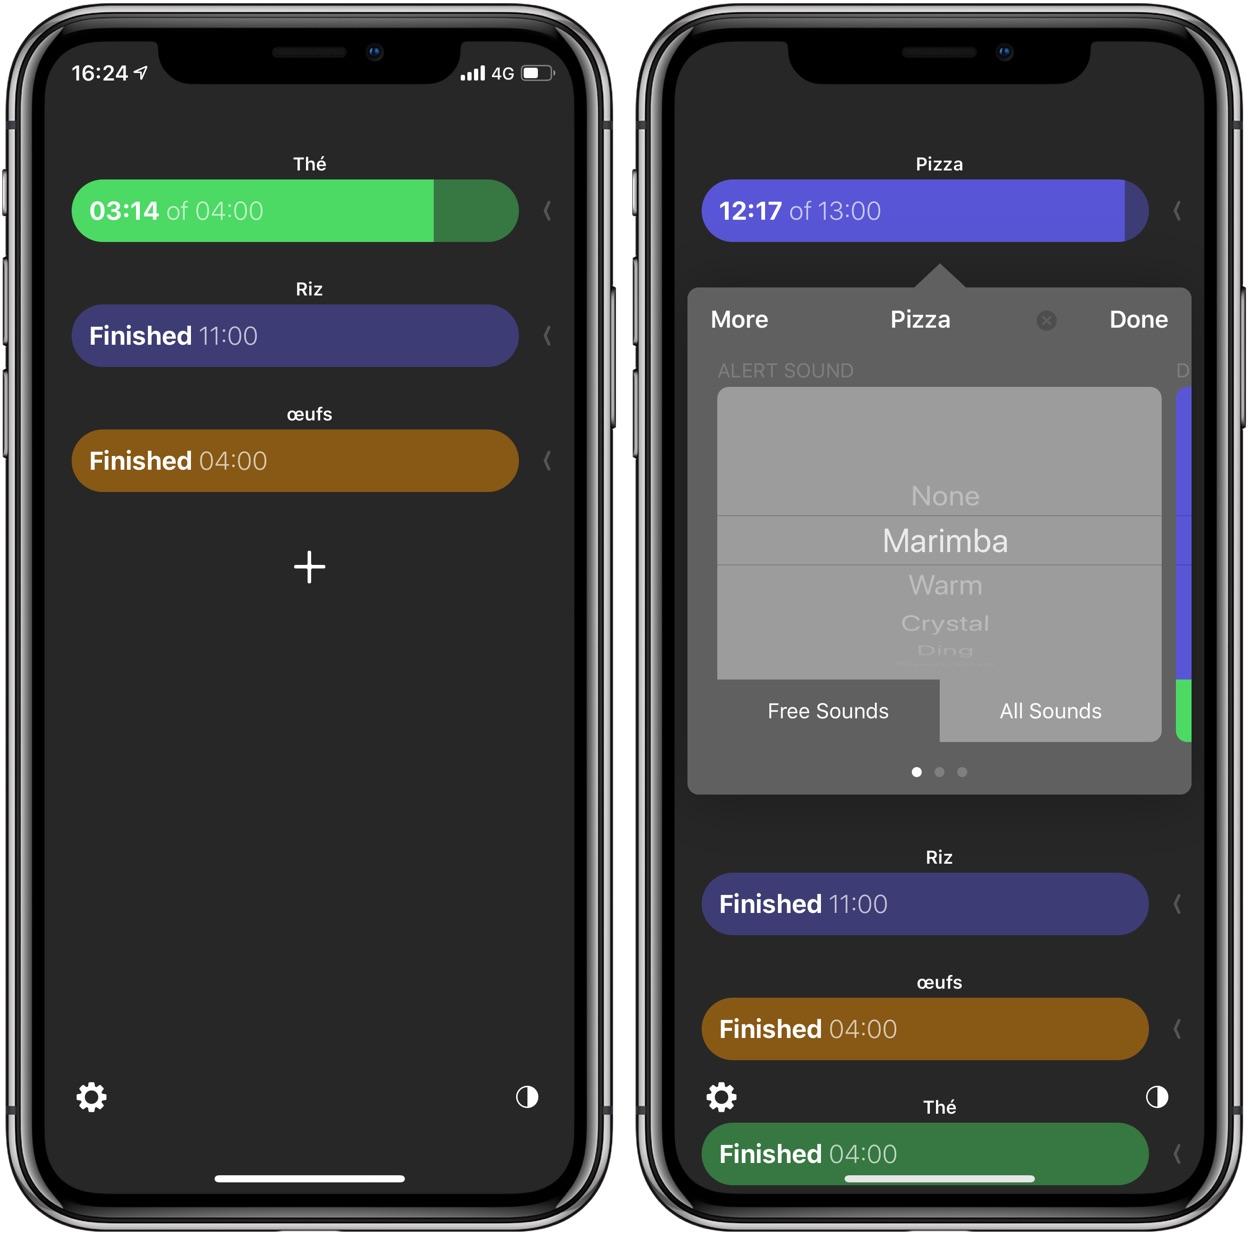 L'app Tidur Timers offre plusieurs minuteurs simultanés à l'iPhone, iPad et l'Apple Watch 1